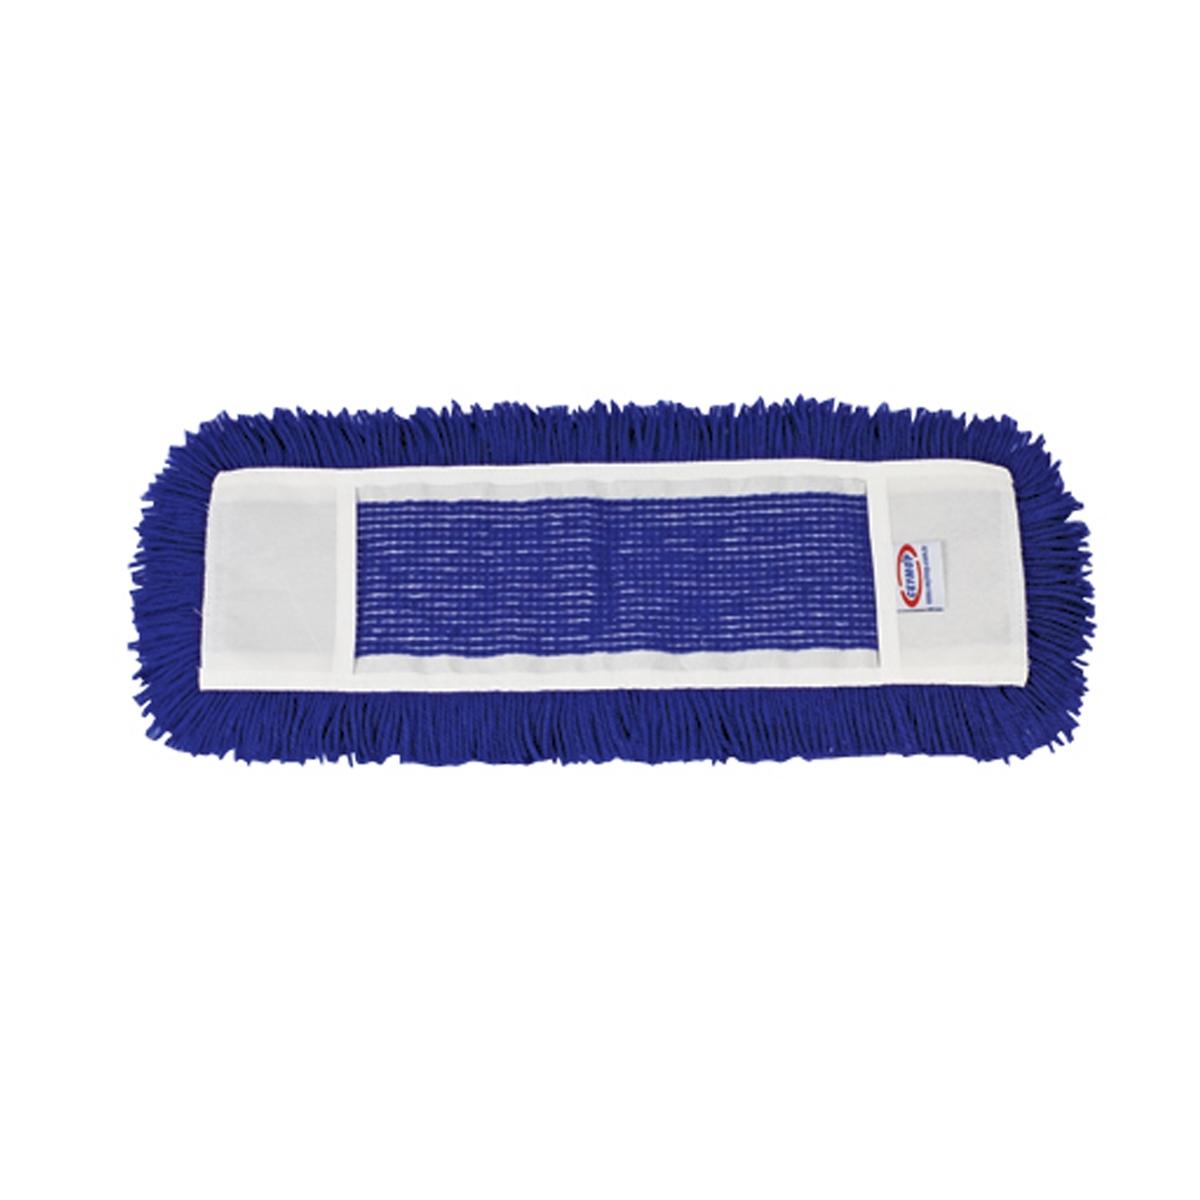 Ceymop Saçaklı  Orlon Mop 80cm resmi